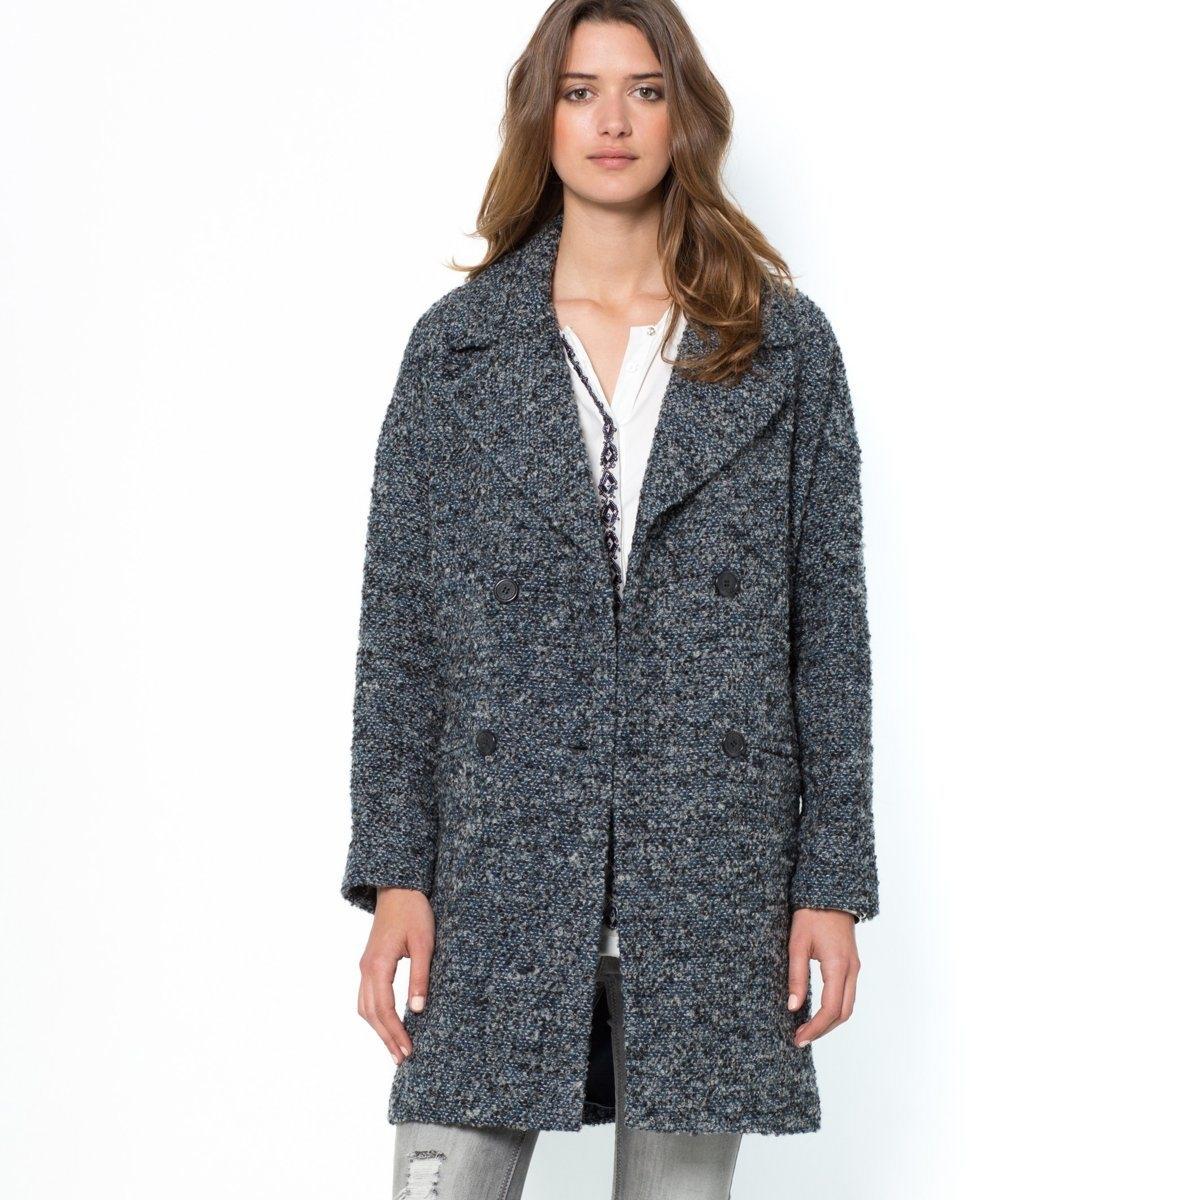 Пальто, 40% шерстиОбъемный покрой. Плотная меланжевая ткань, 55% полиэстера, 40% шерсти, 5% акрила. Английский воротник. Приспущенные плечевые швы. Двубортная застежка. 2 кармана в швах. Хлястик сзади. Подкладка из полиэстера. Длина ок.90 см.<br><br>Цвет: синий меланж<br>Размер: 50 (FR) - 56 (RUS)